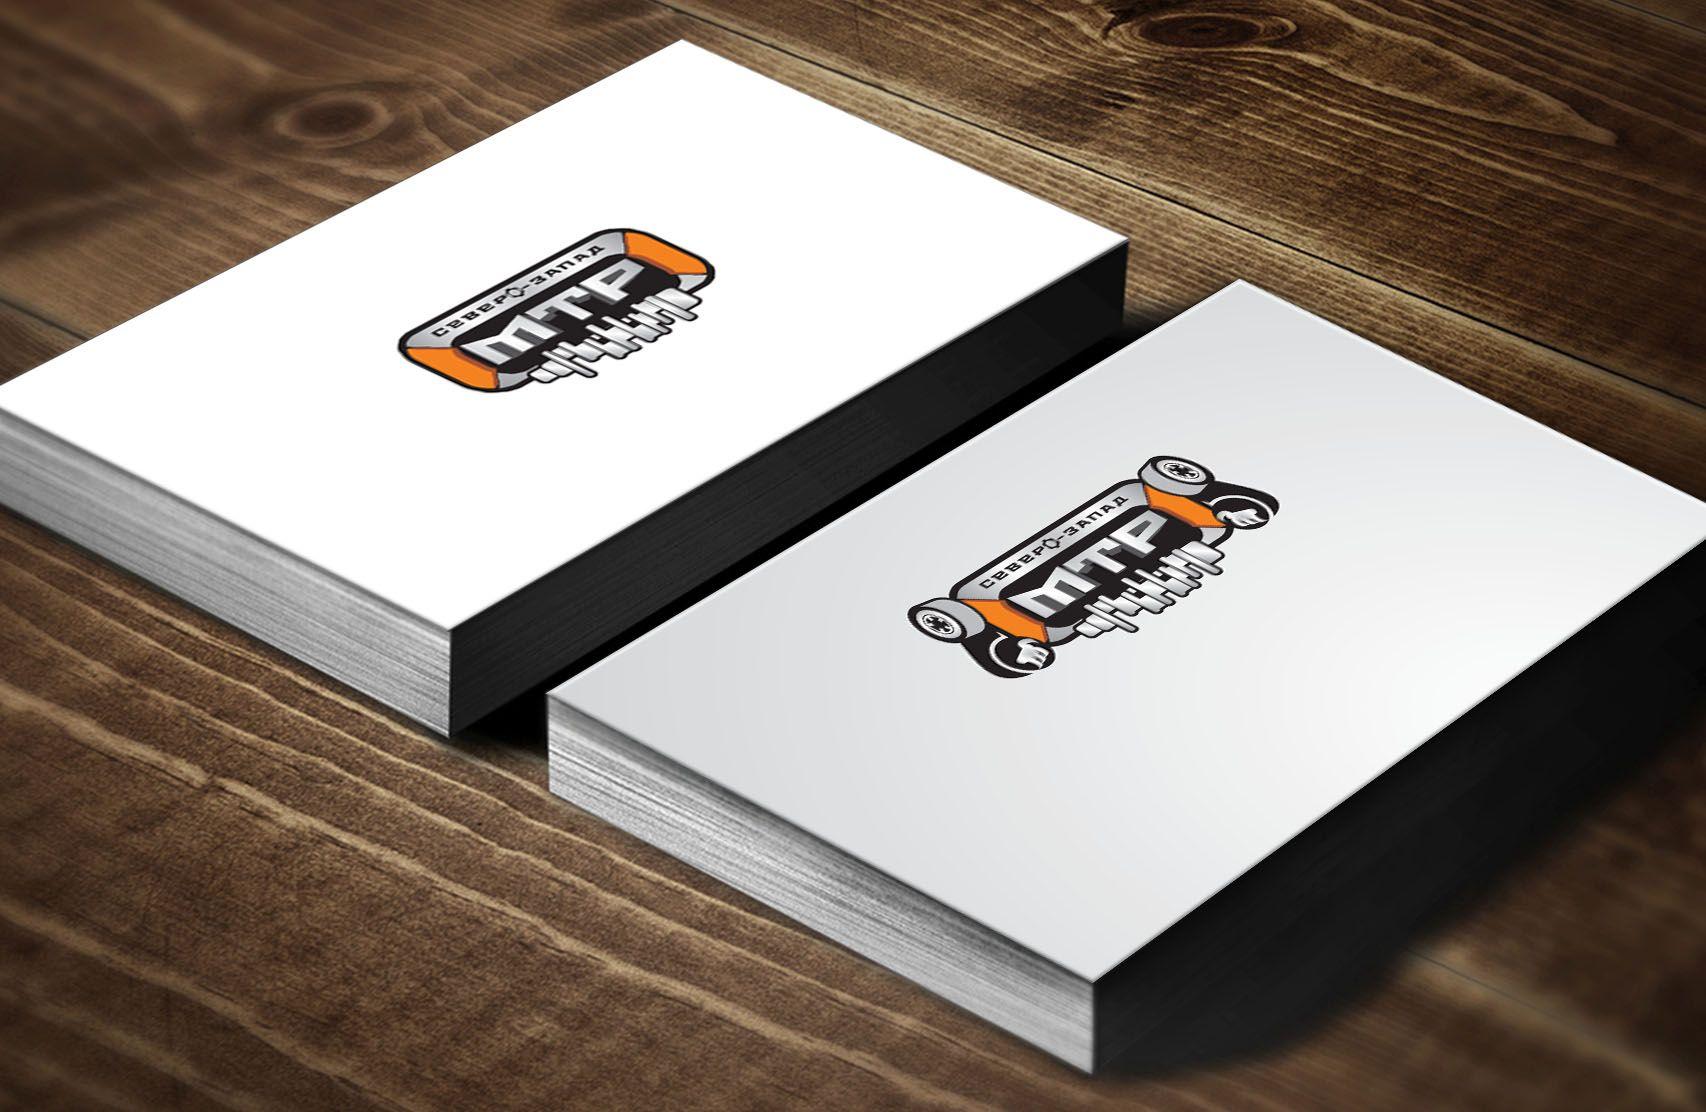 Редизайн лого (производство и продажа мототехники) - дизайнер LiXoOnshade